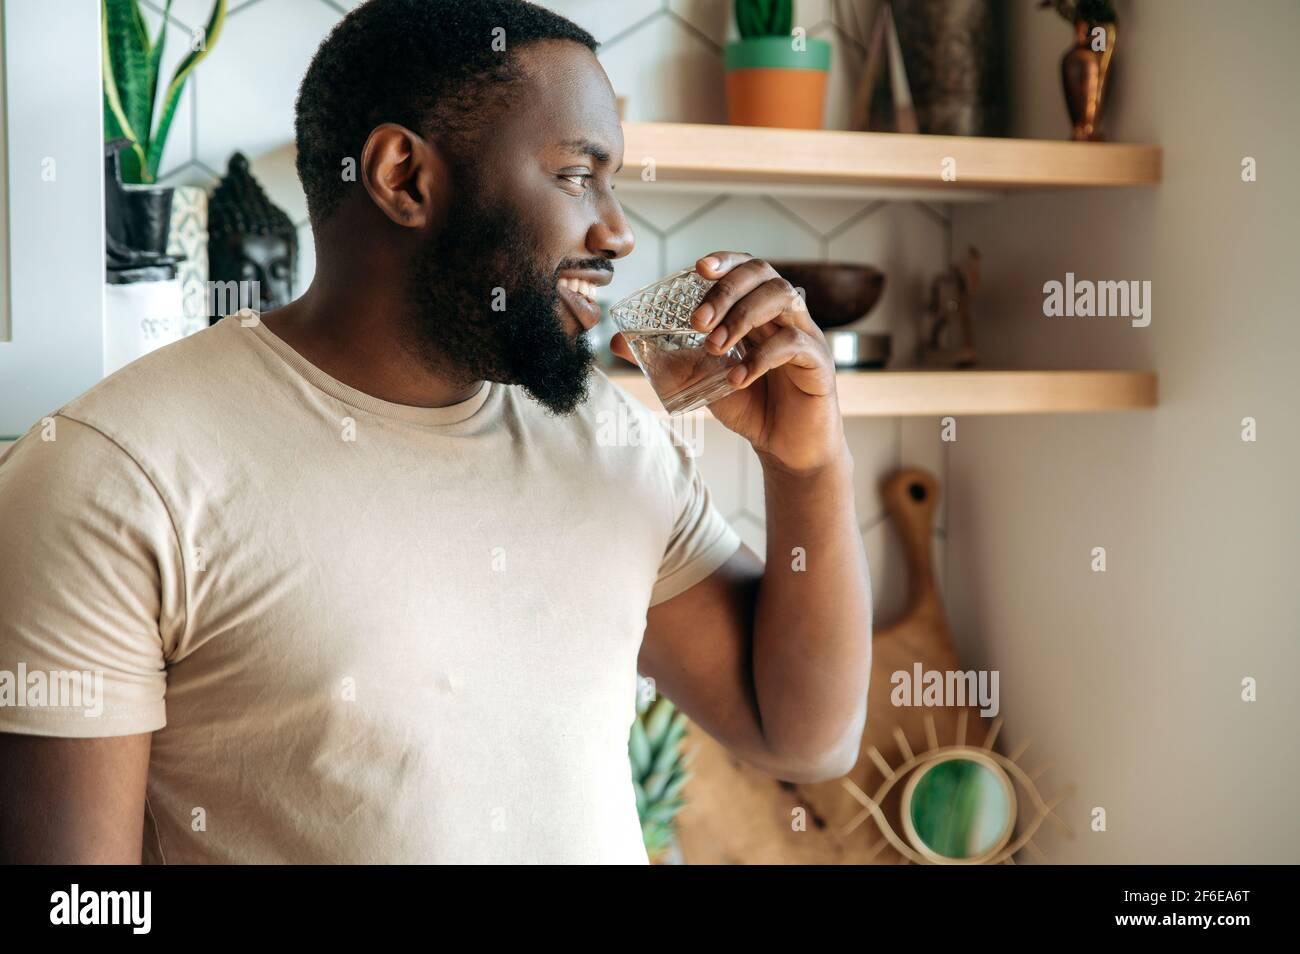 Afro-américain attrayant homme de boire une eau pure, suivre un mode de vie sain. Un beau gars se sent assoiffé, boit quotidiennement une quantité de liquide pur, debout à la cuisine, concept de soins de santé Banque D'Images